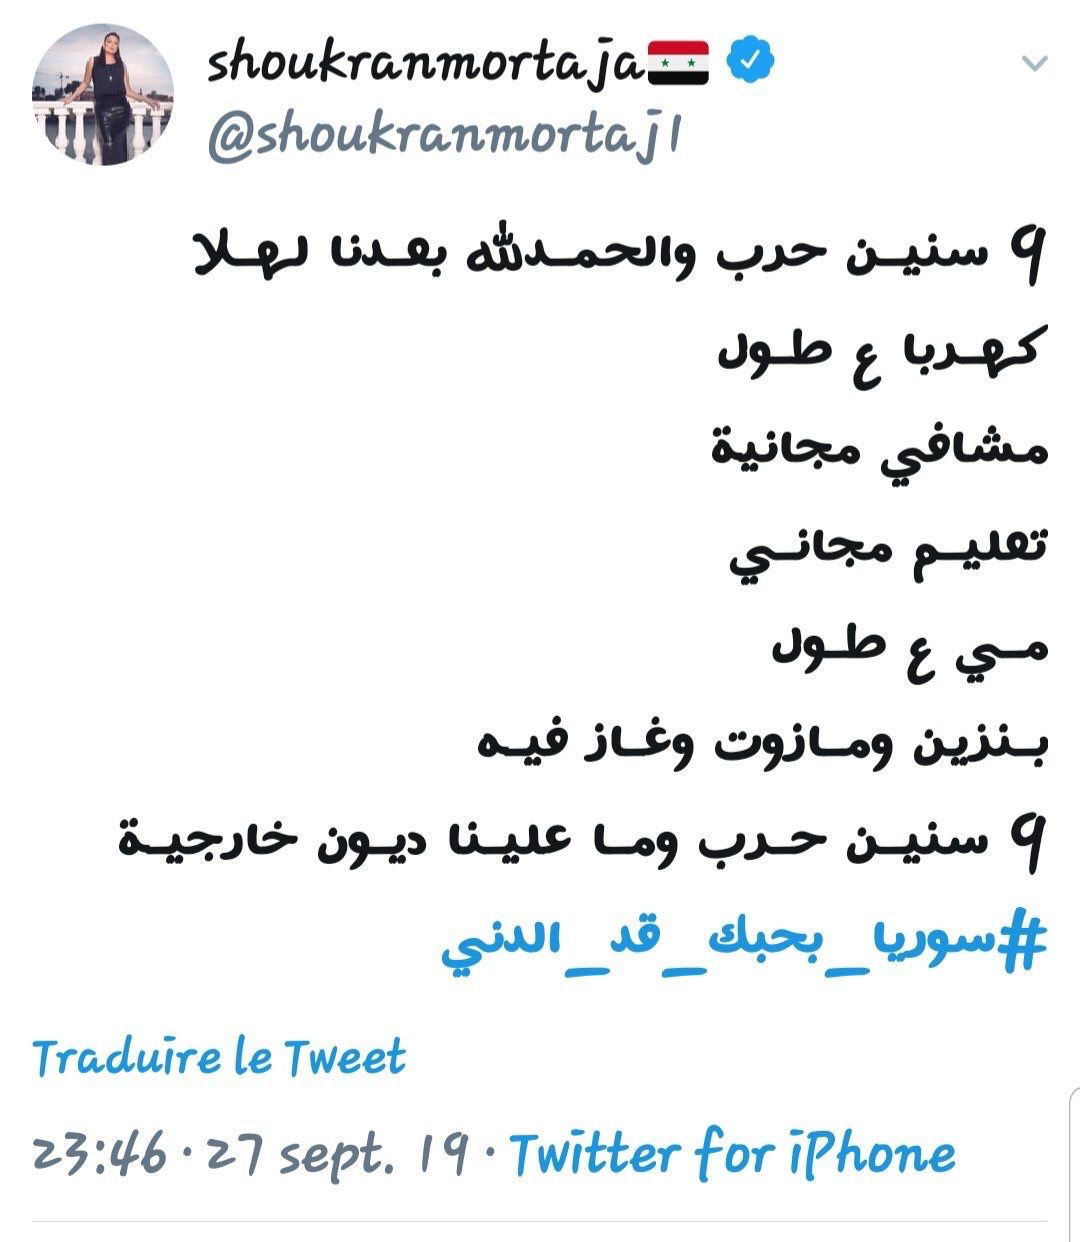 تغريدة شكران مرتجى عن وطنها قبل الحذف